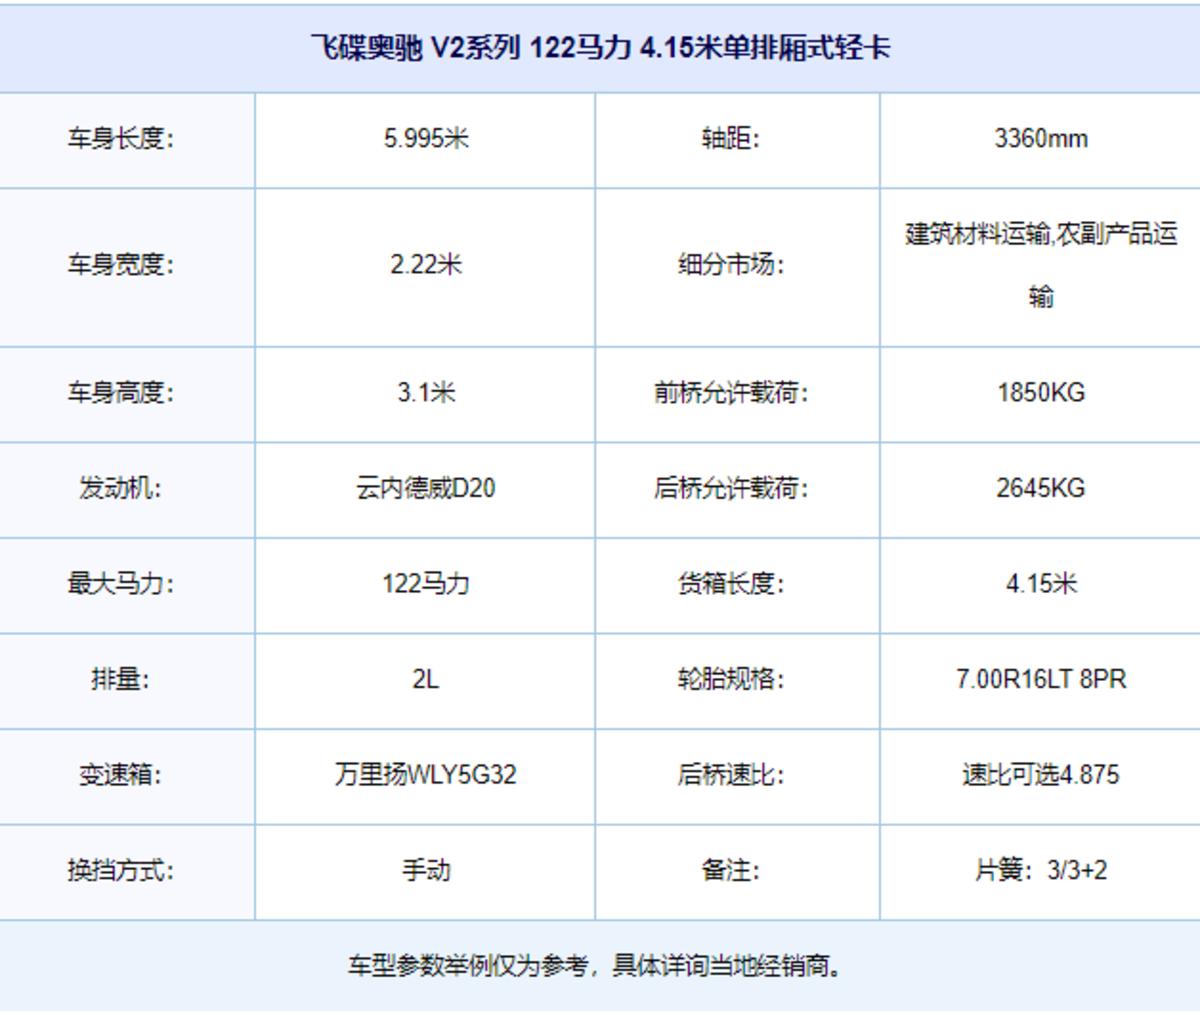 全面涵盖细分市场用户需求飞碟国六产品大盘点